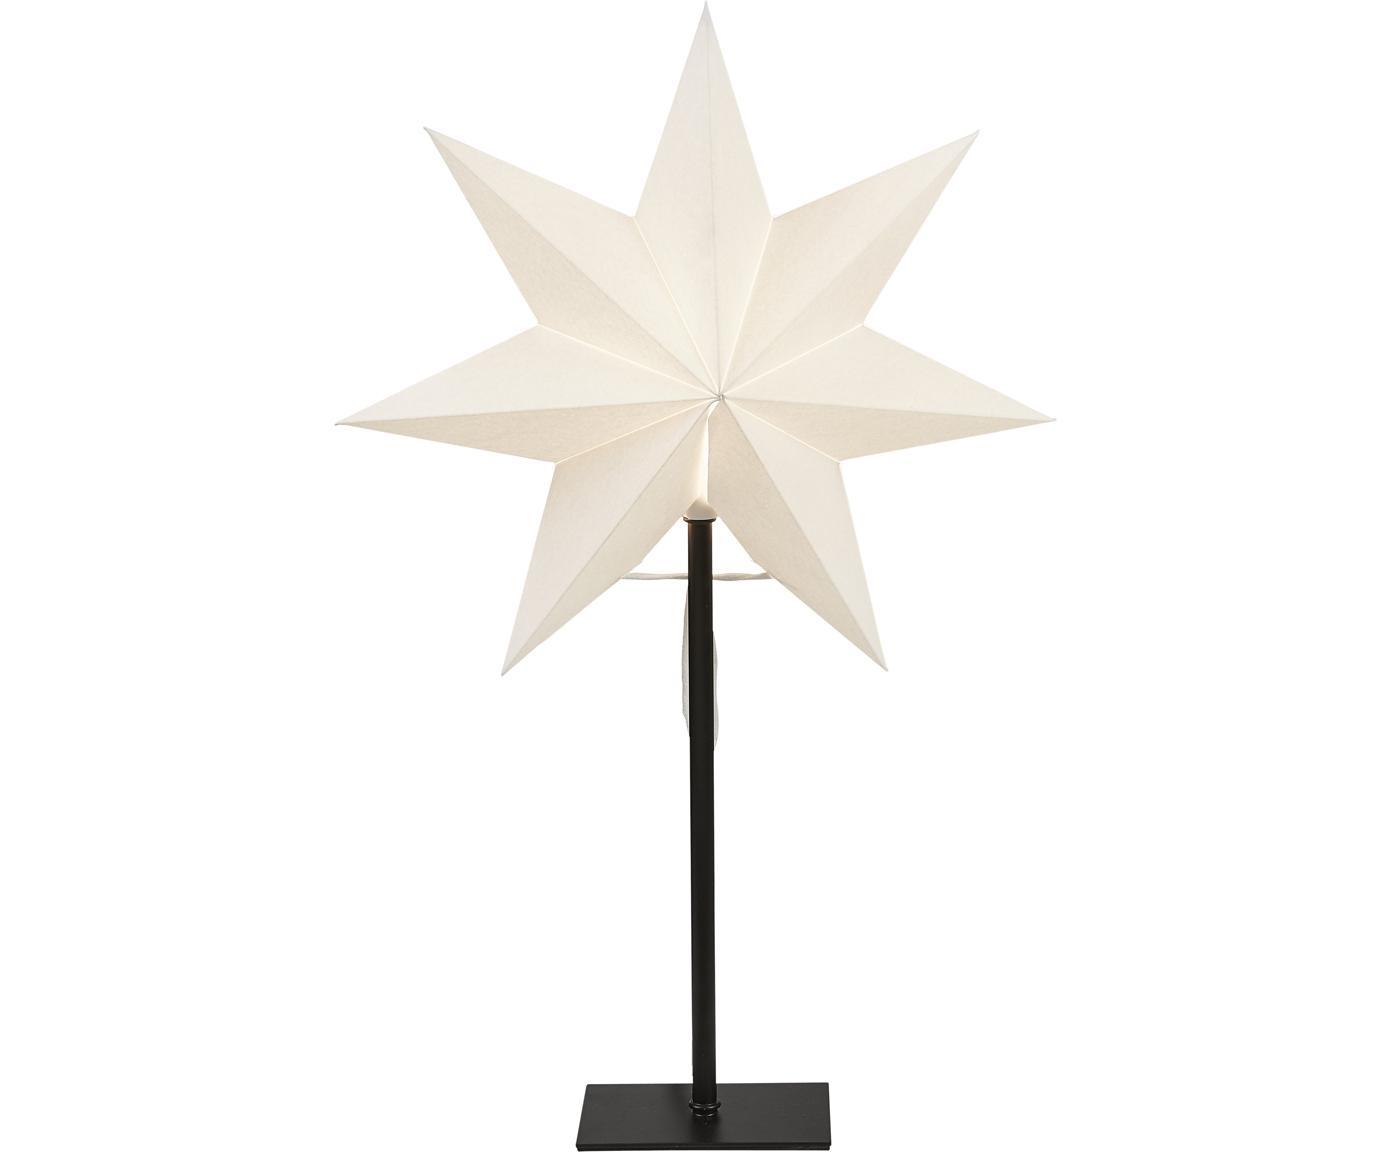 Leuchtobjekt Frozen, mit Stecker, Lampenschirm: Papier, Lampenfuß: Metall, beschichtet, Weiß, Schwarz, 34 x 55 cm